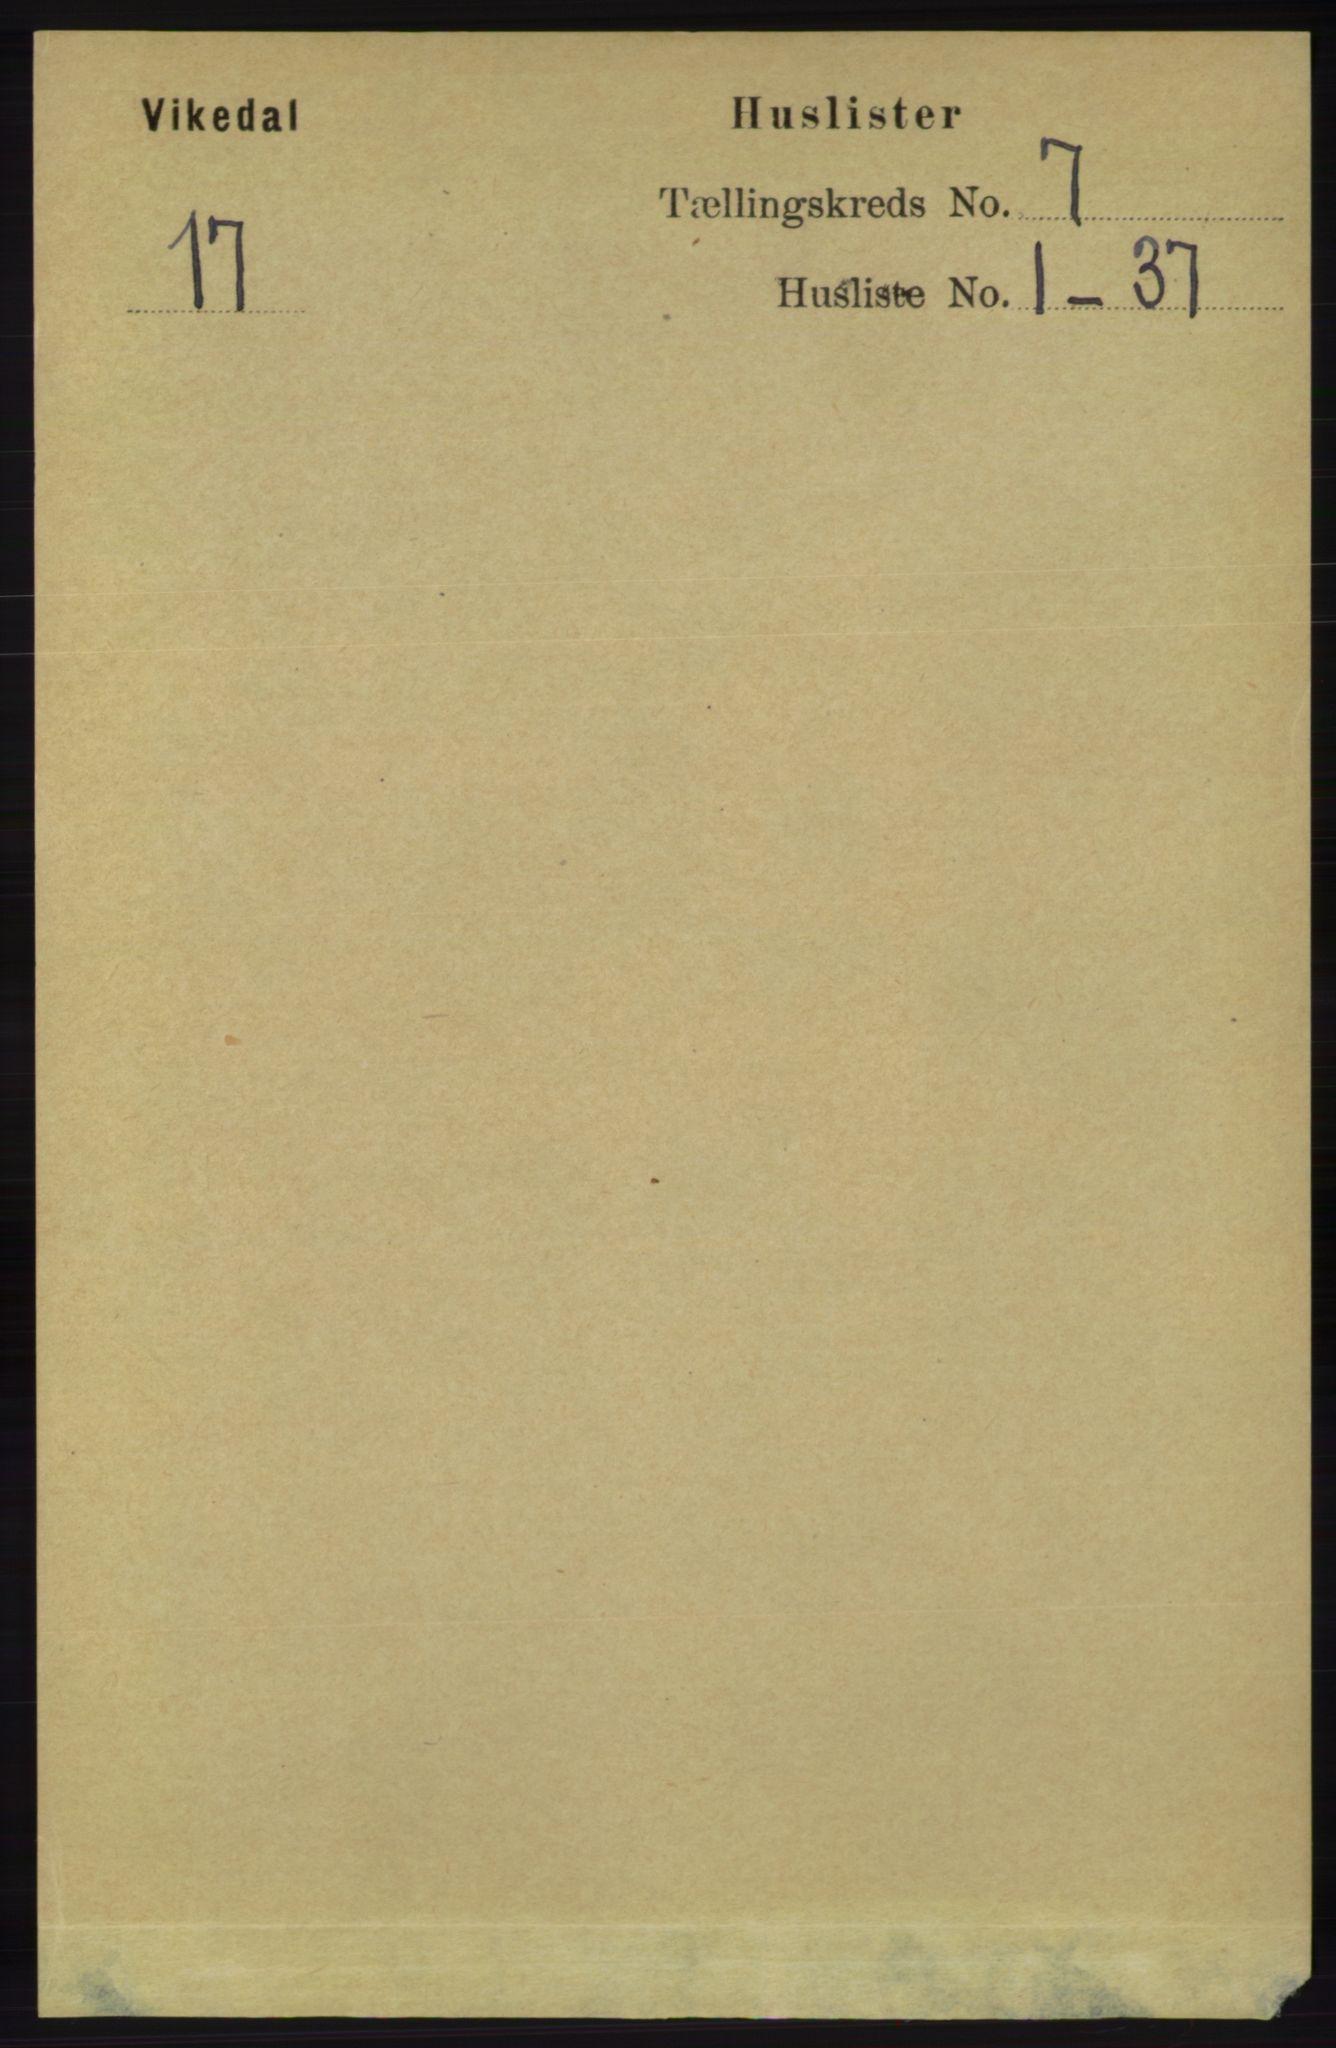 RA, Folketelling 1891 for 1157 Vikedal herred, 1891, s. 1992